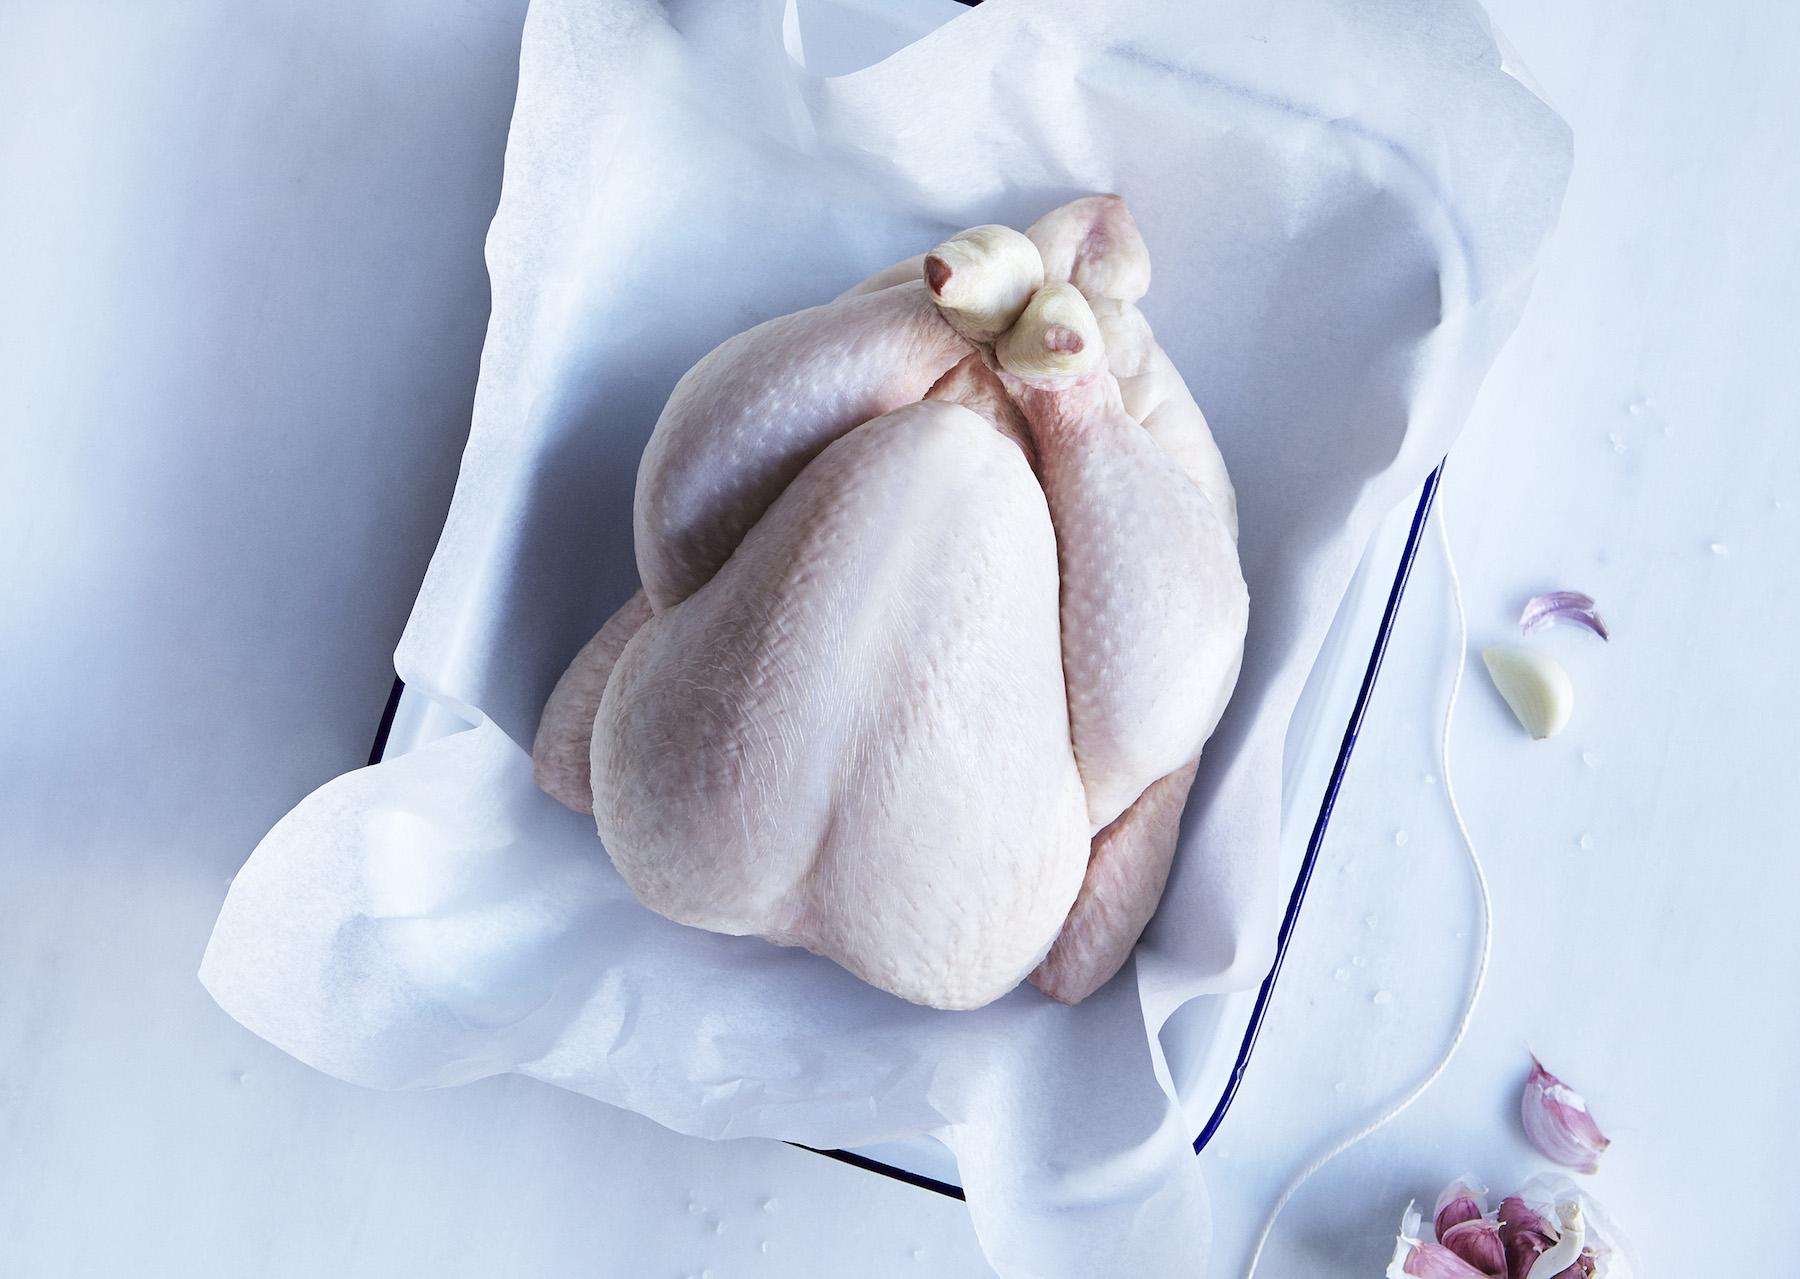 02-icon-artist-management-katie-hammond-angus_butchers_chicken.jpg